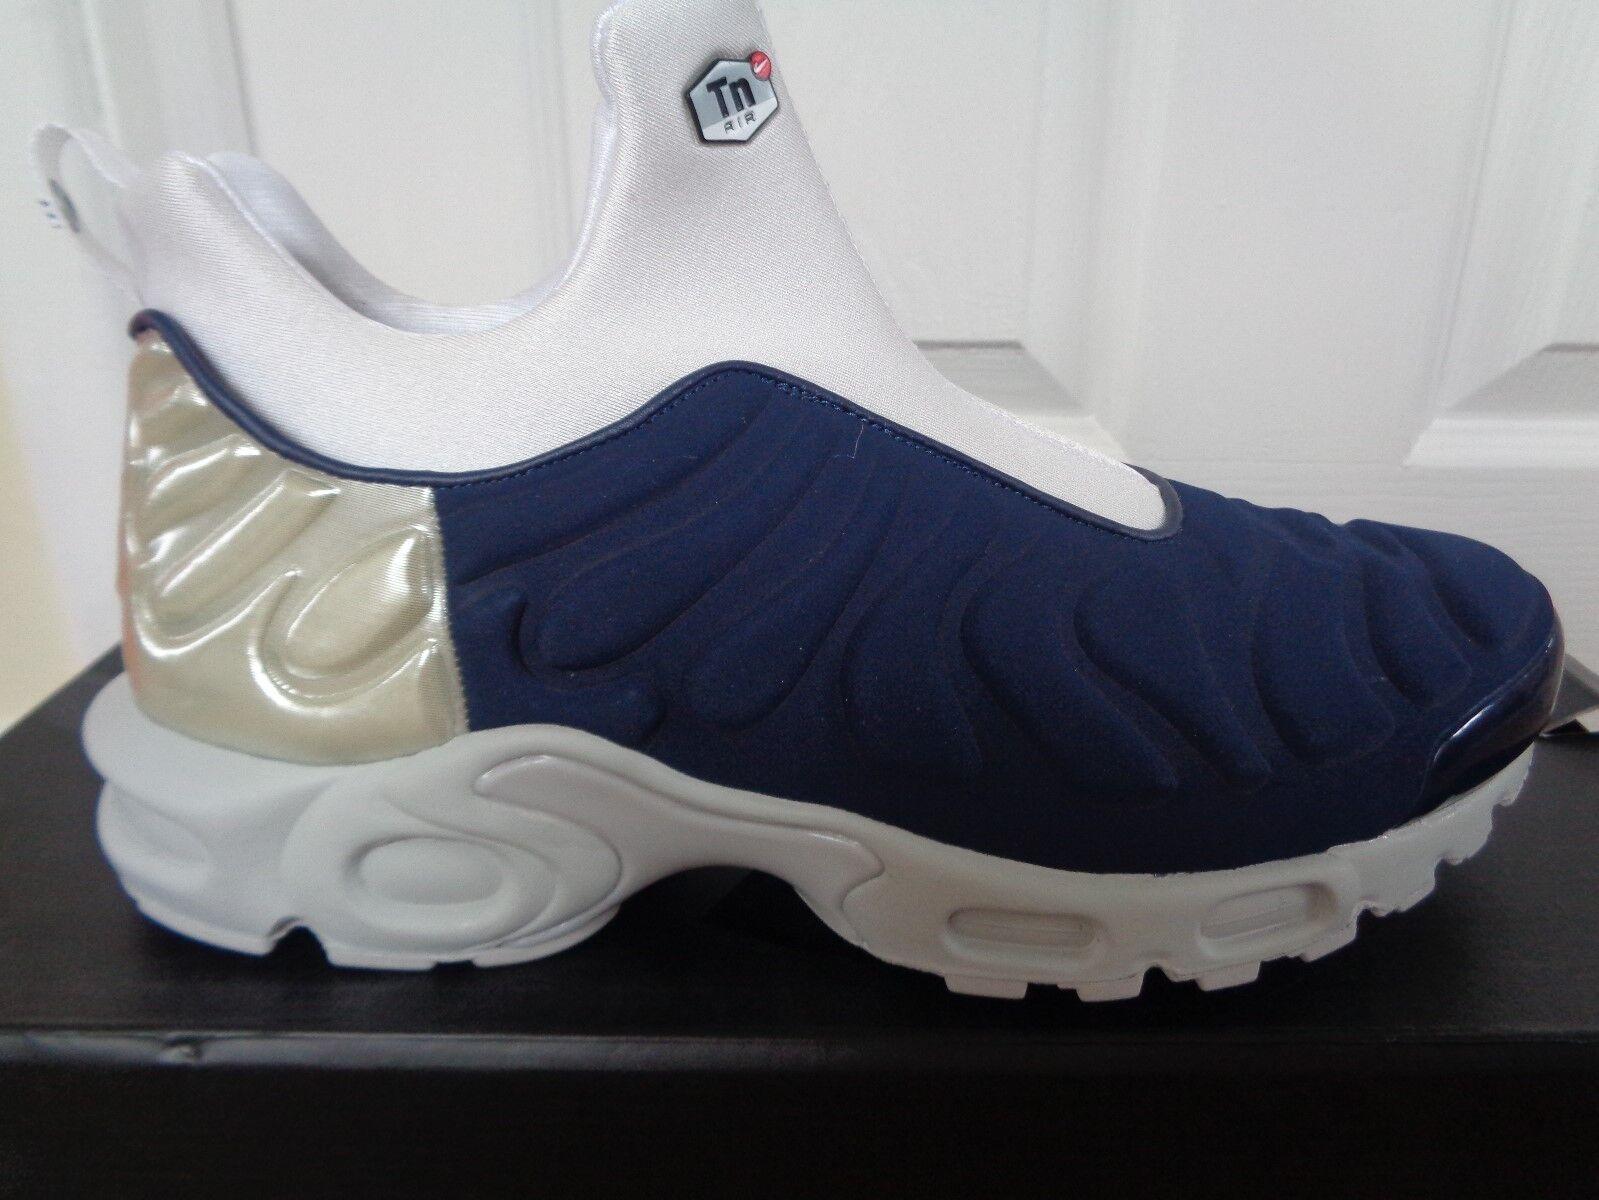 Nike Air Max Plus Slip SP Zapatillas Zapatos 940382 400 400 400 UK 4.5 EU 38 nos 7 Nuevo + Caja  venta con alto descuento